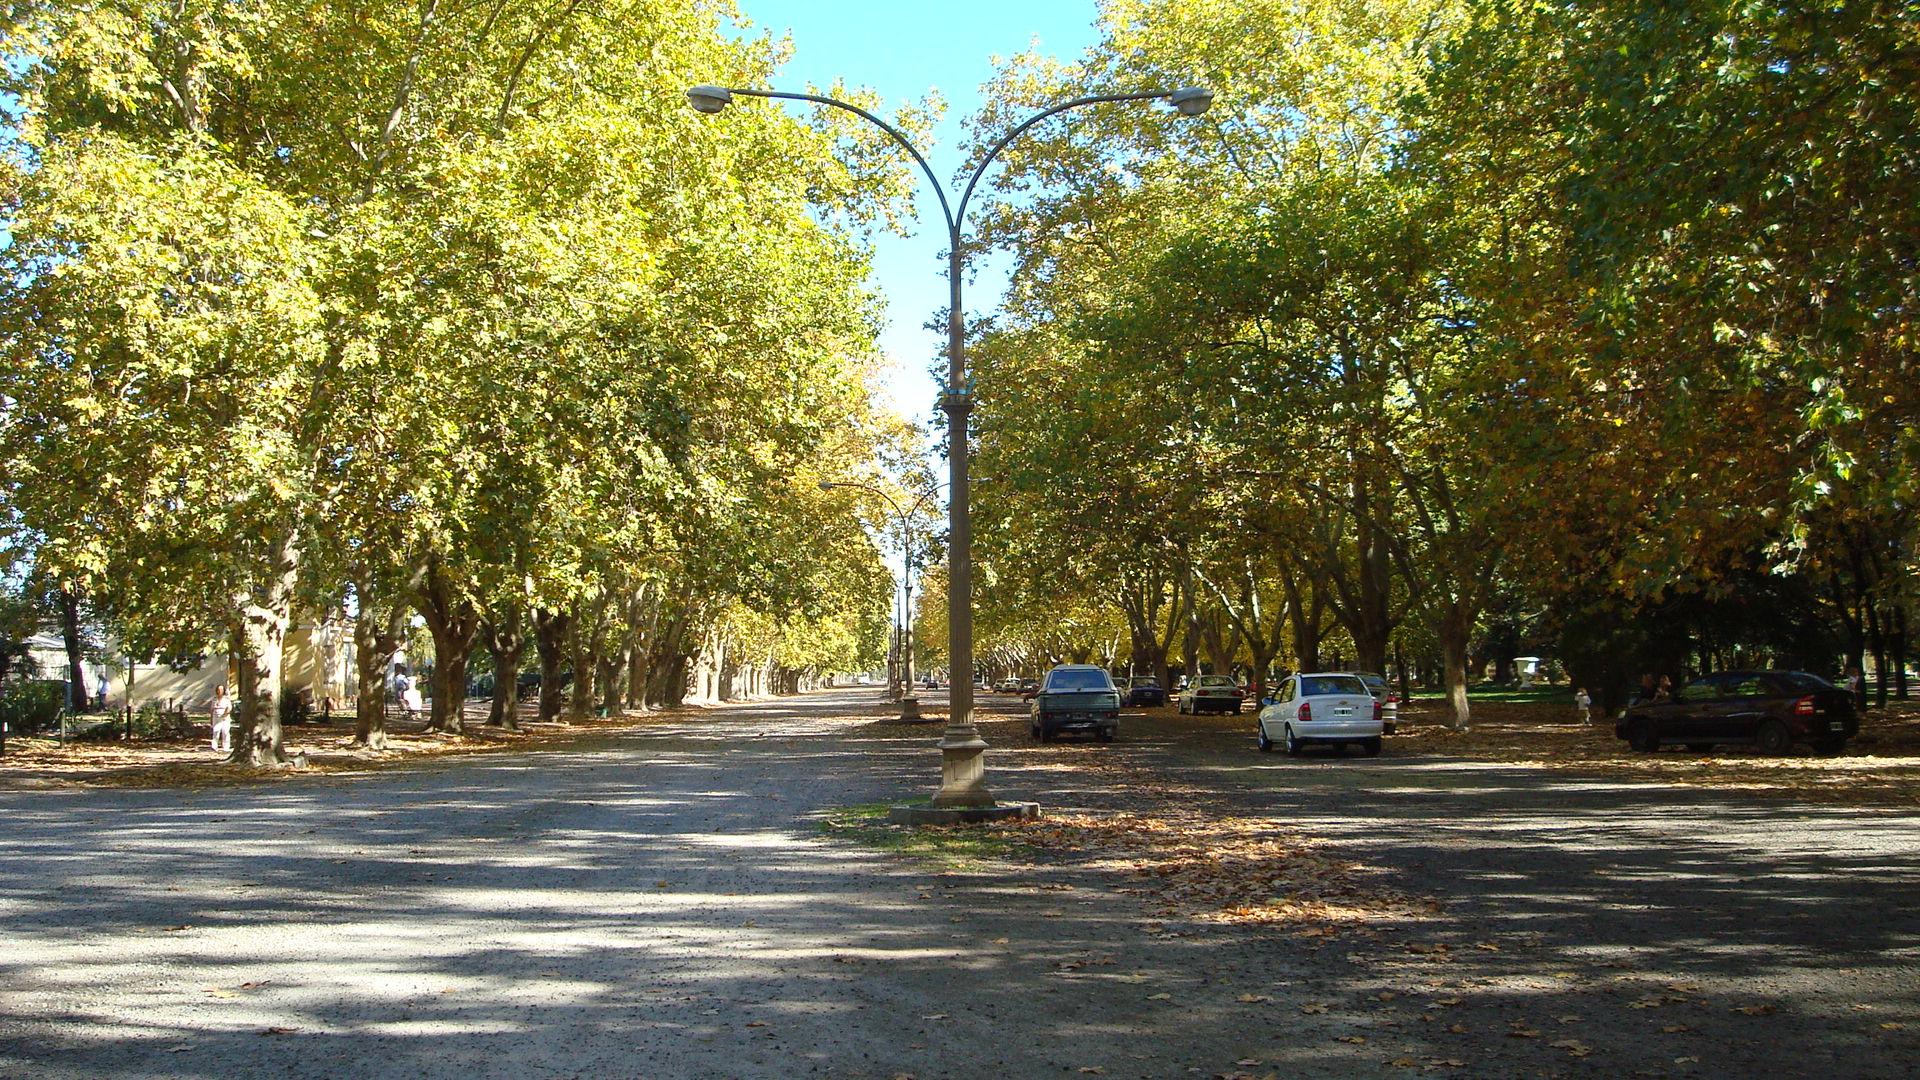 parque-domingo-f-sarmiento-av-republica-oriental-del-uruguay